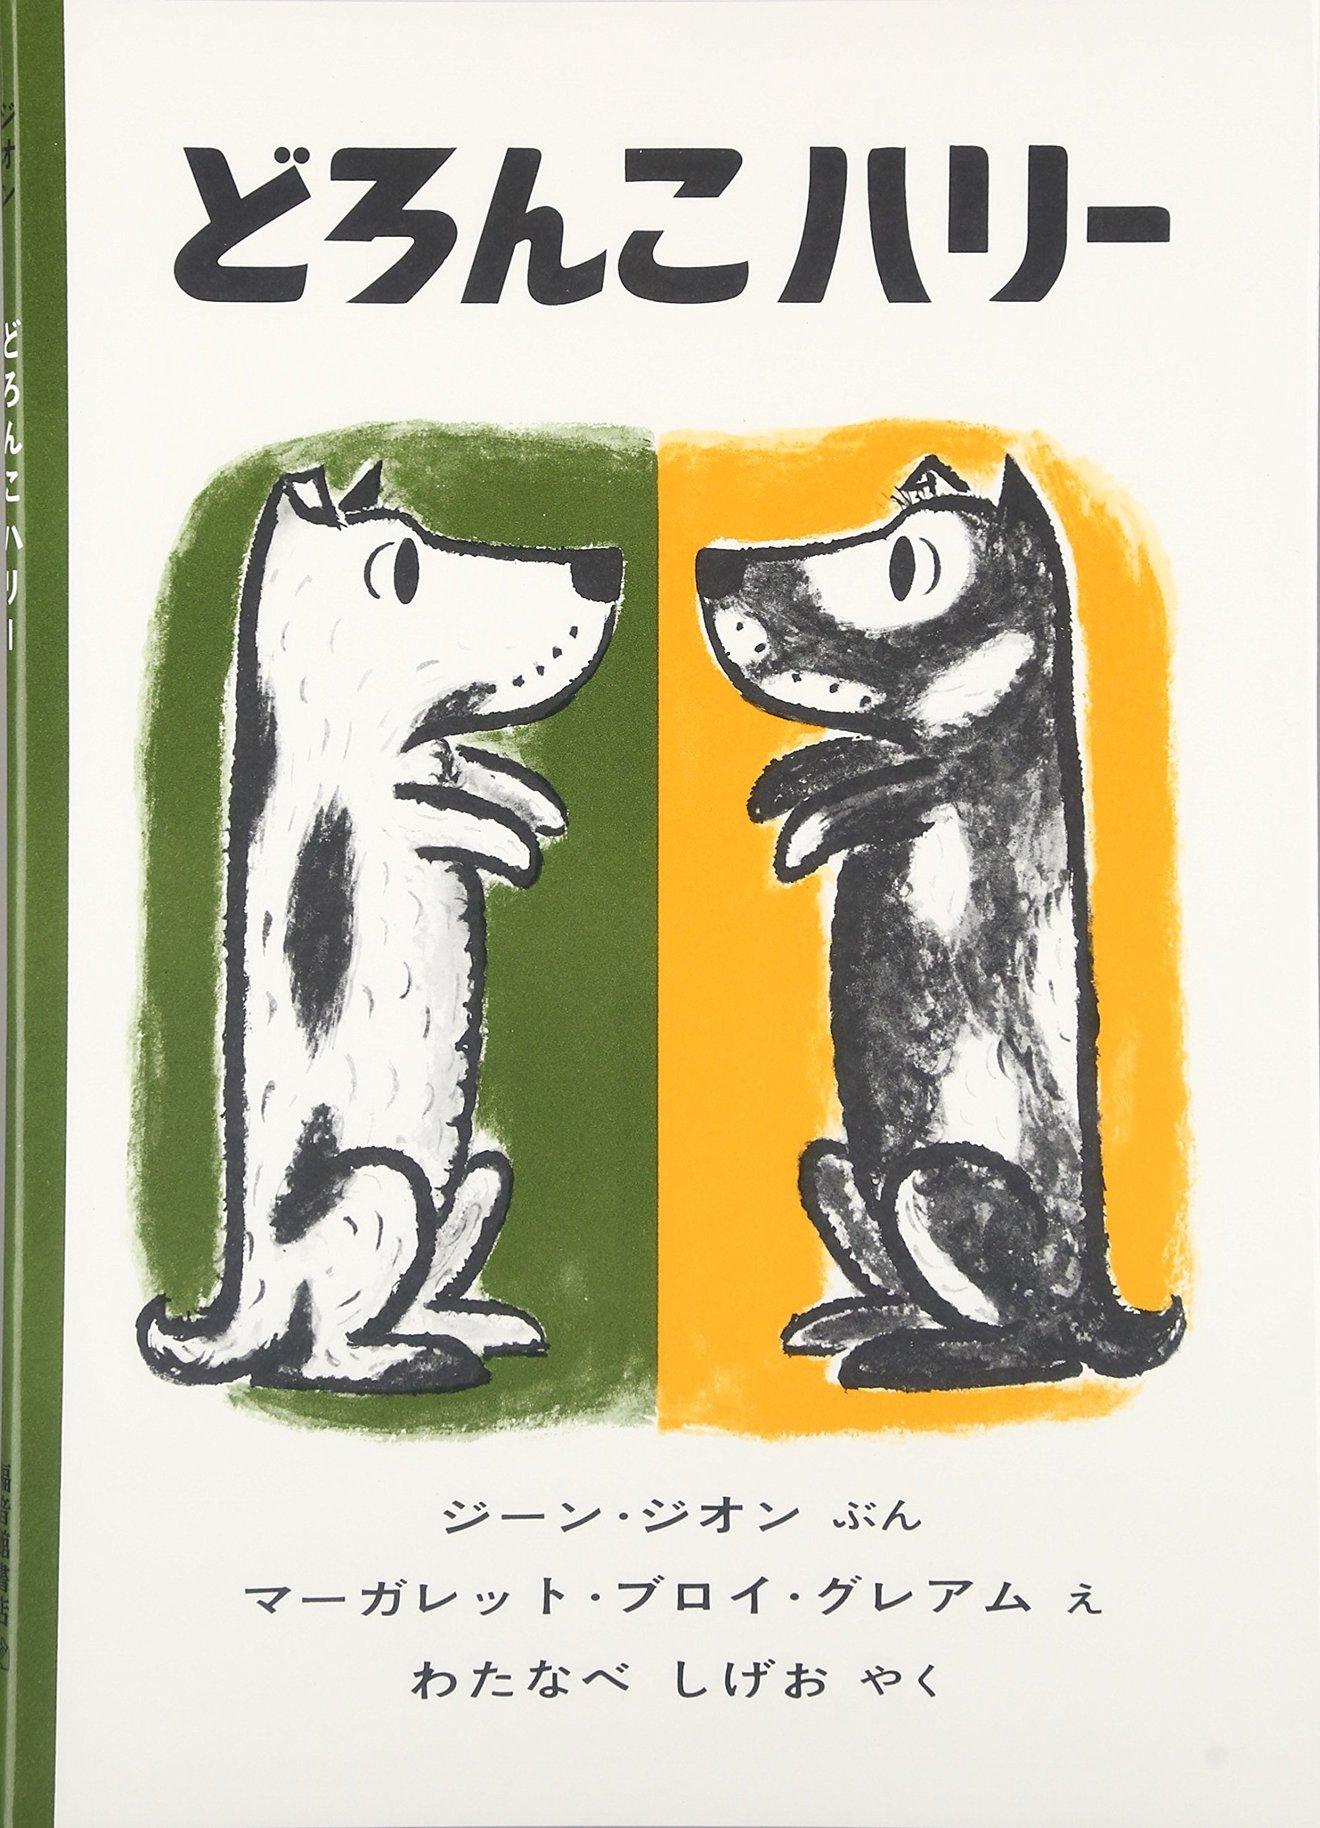 「どろんこハリー」シリーズの4冊がおすすめ!長く愛される名作絵本